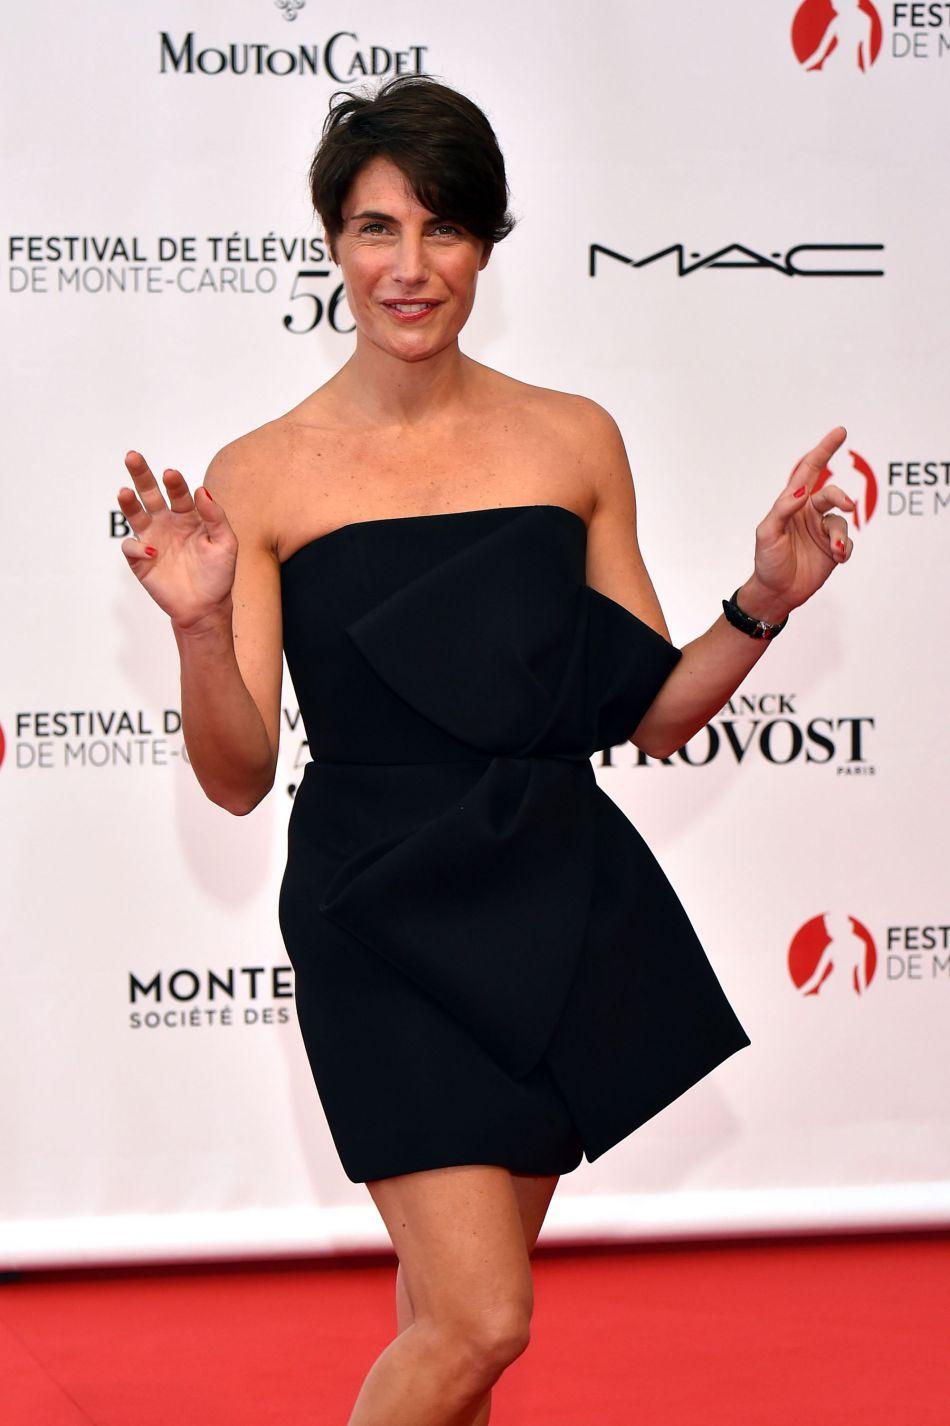 Alessandra Sublet lors de la cérémonie d'ouverture du 56e Festival de télévision de Monte-Carlo, le 12 juin 2016.